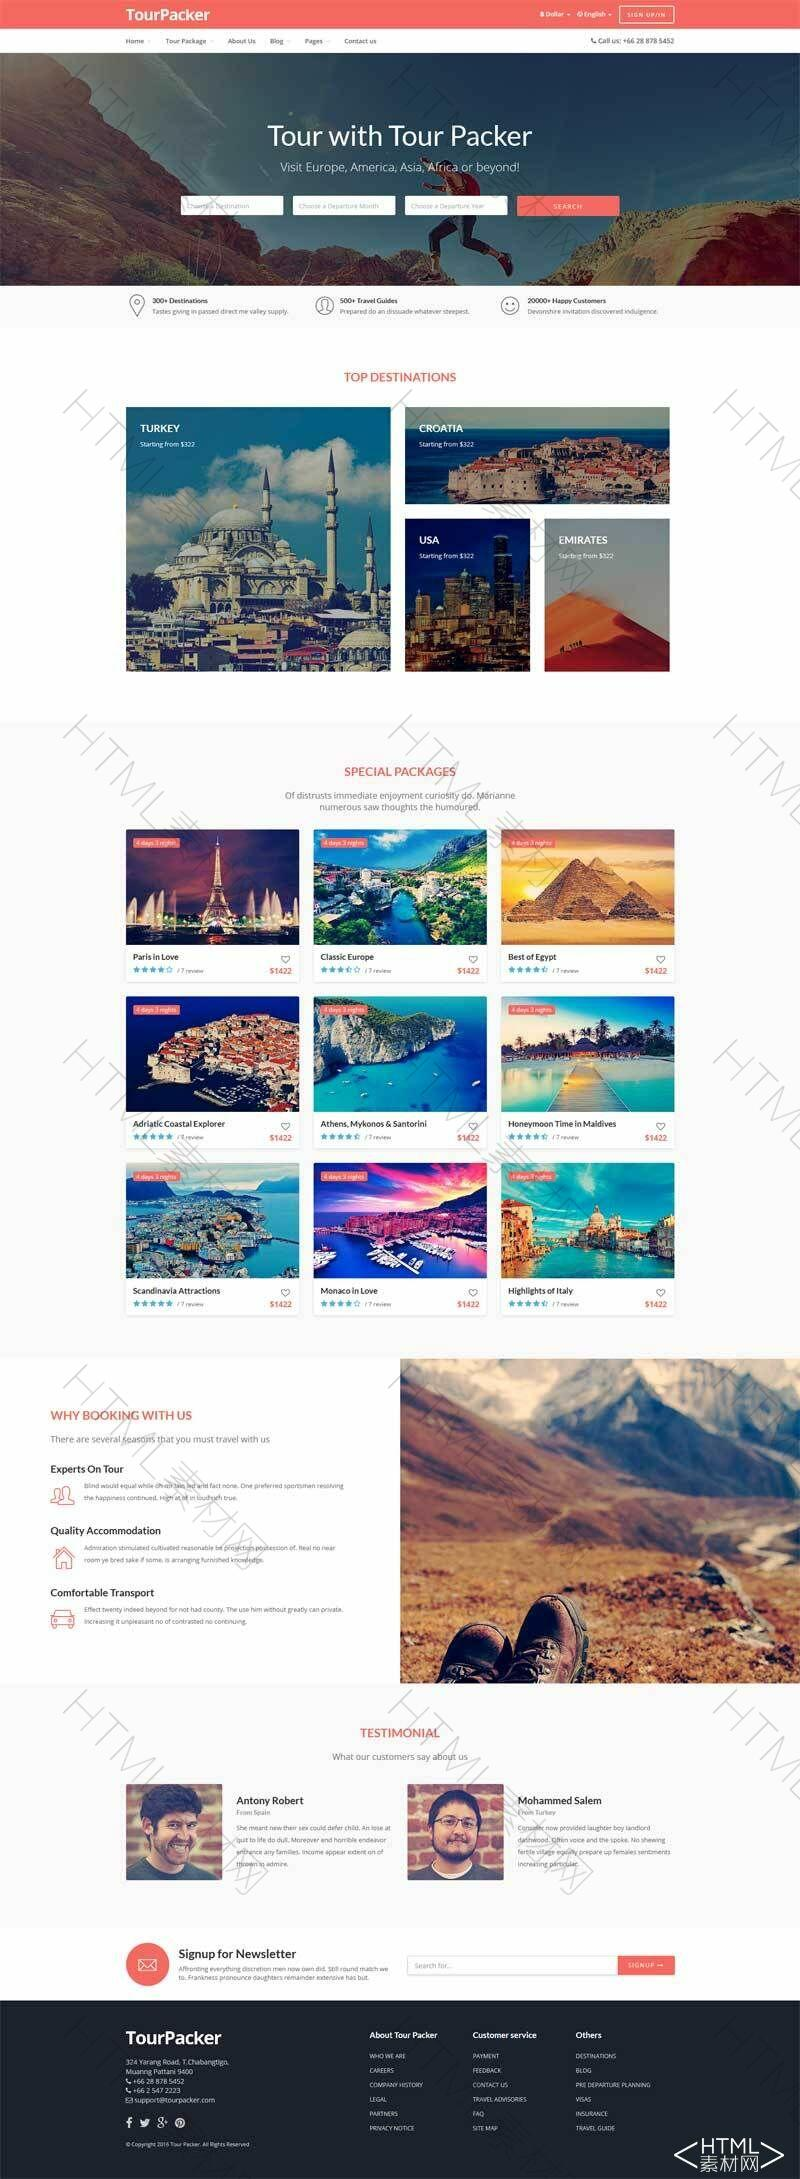 红色的旅游网服务平台网站模板html整站.jpg